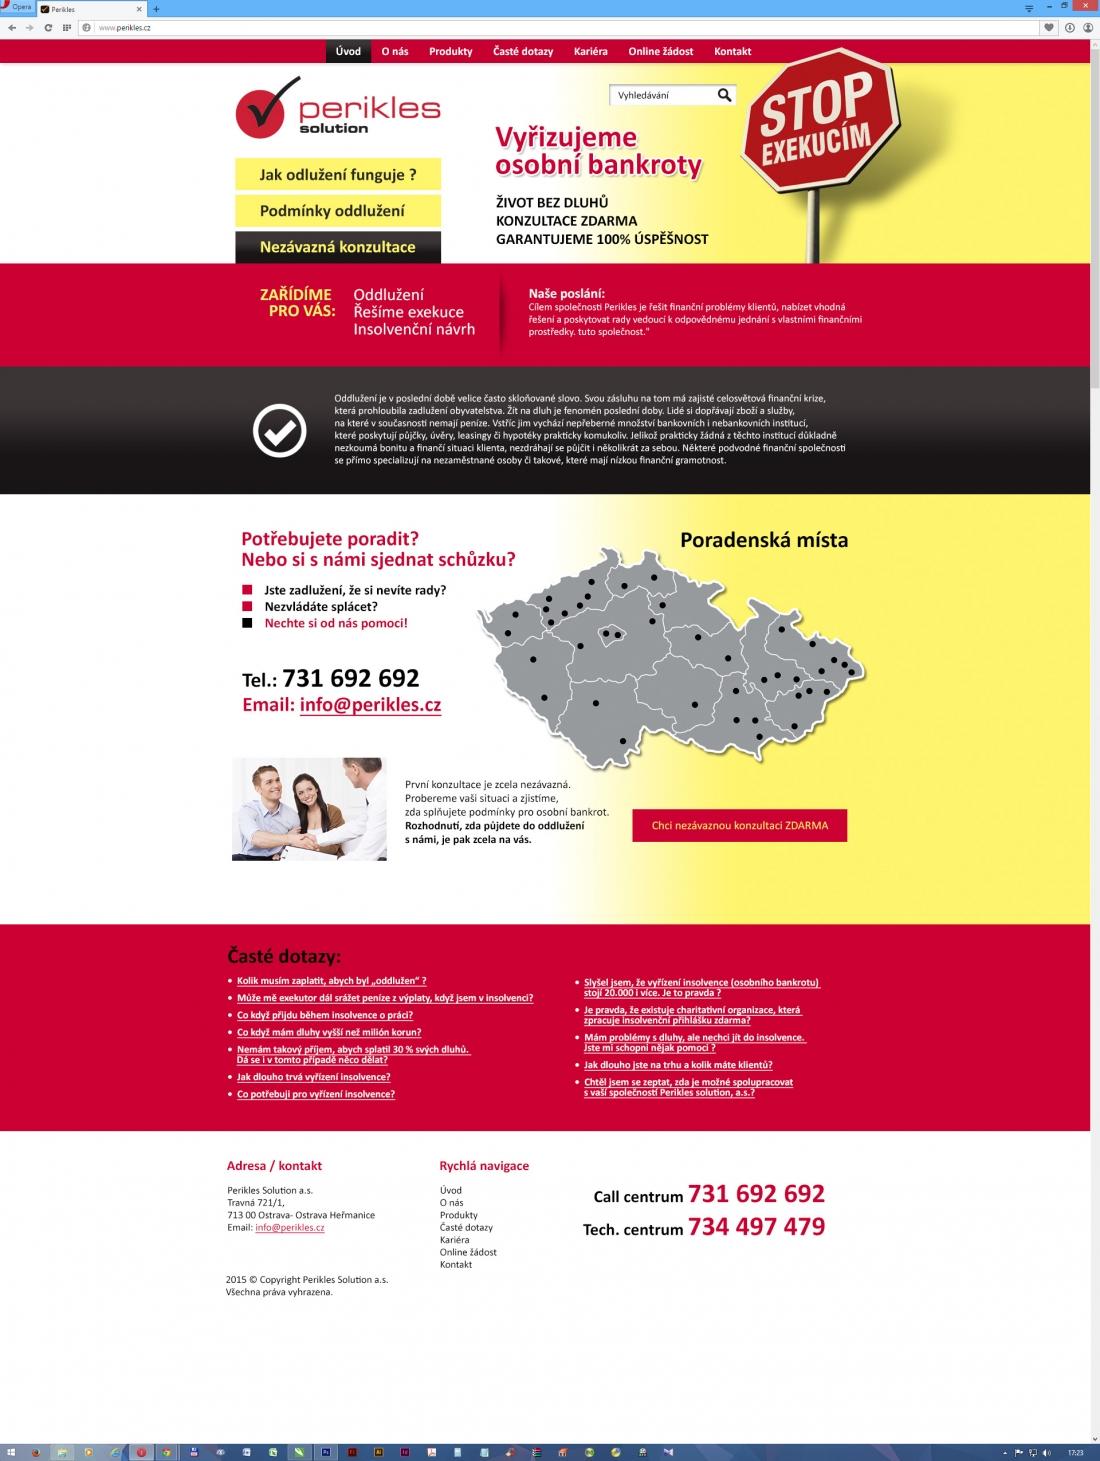 návrh web prezentace - PERIKLES